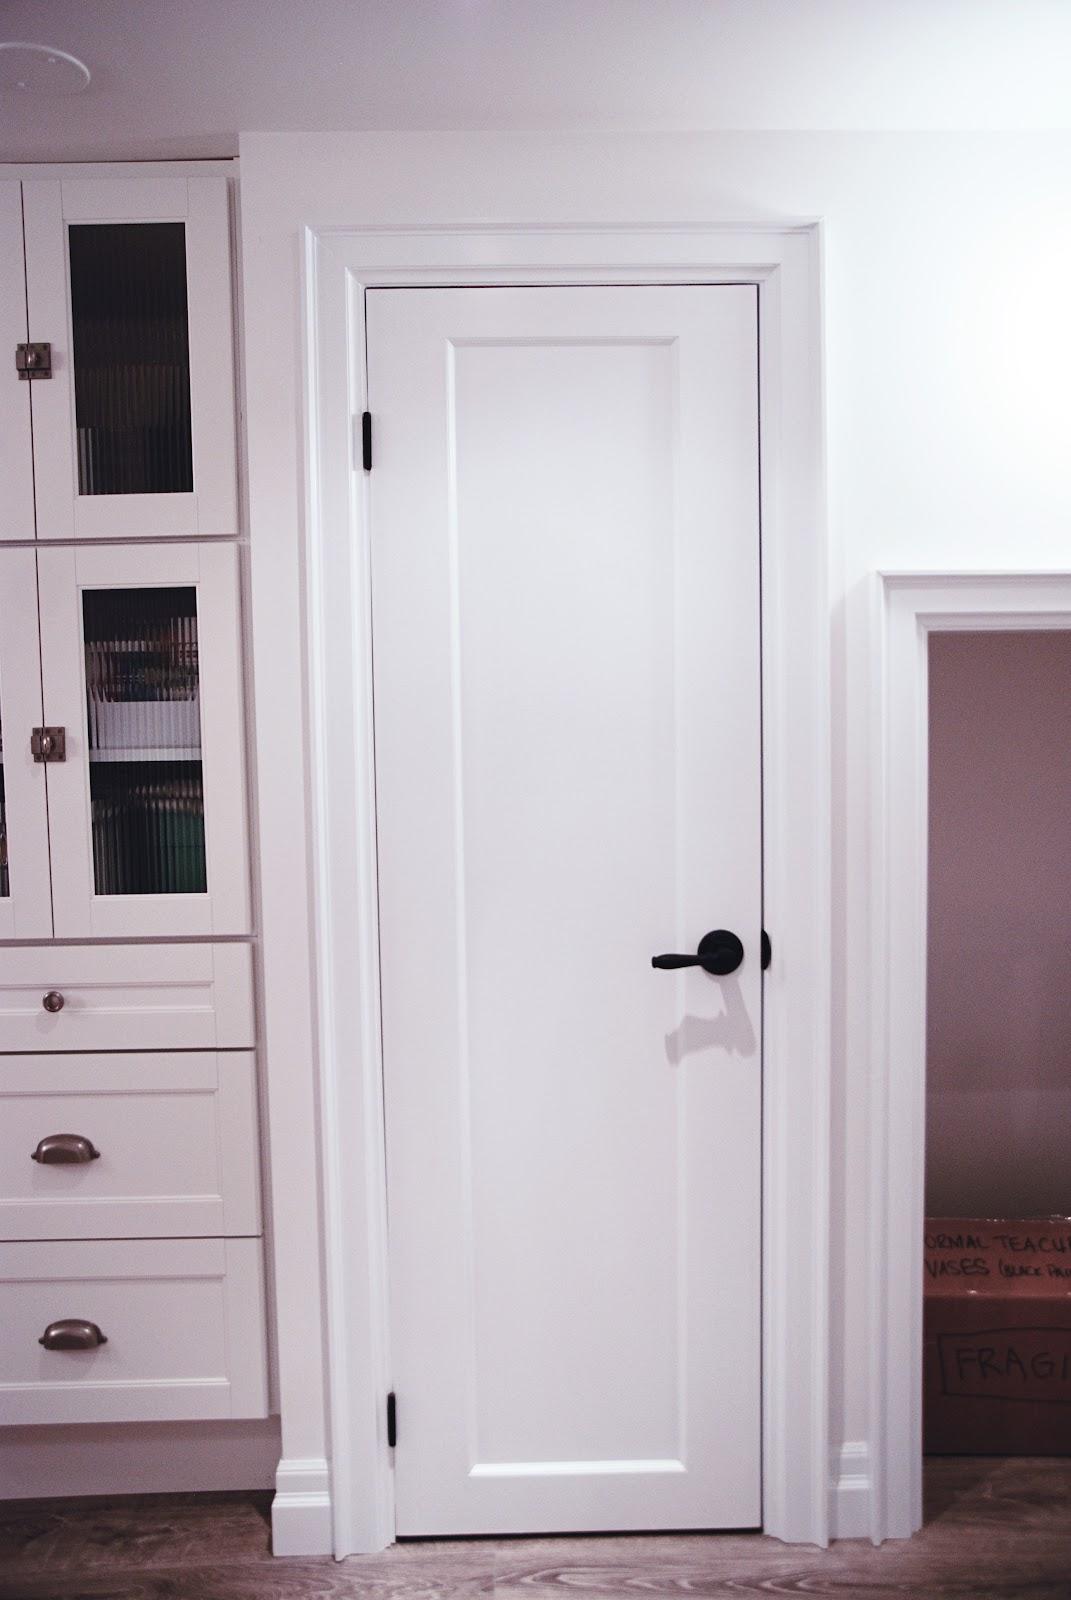 Chic Little Laundry Room Door - Rambling Renovators